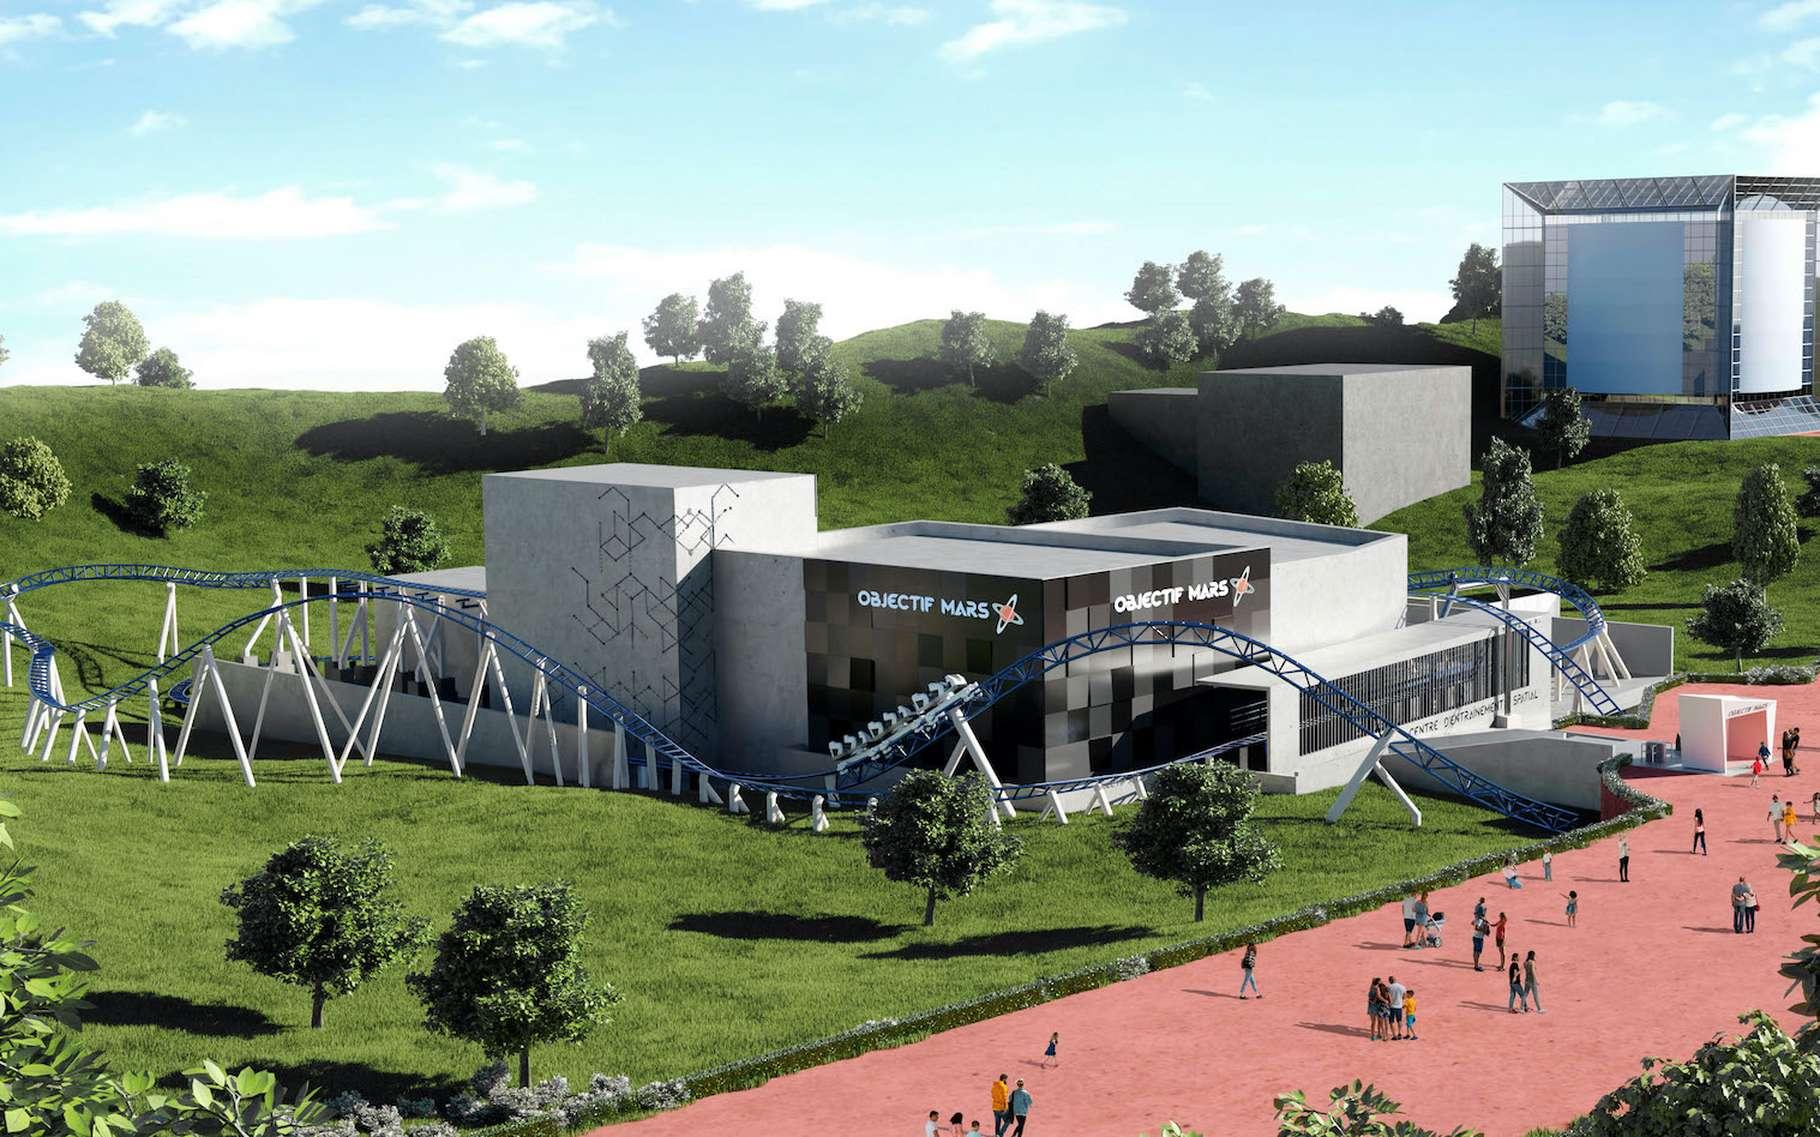 La nouvelle attraction du Futuroscope « Objectif Mars » est prête à accueillir le public dès la réouverture du parc. © Futuroscope